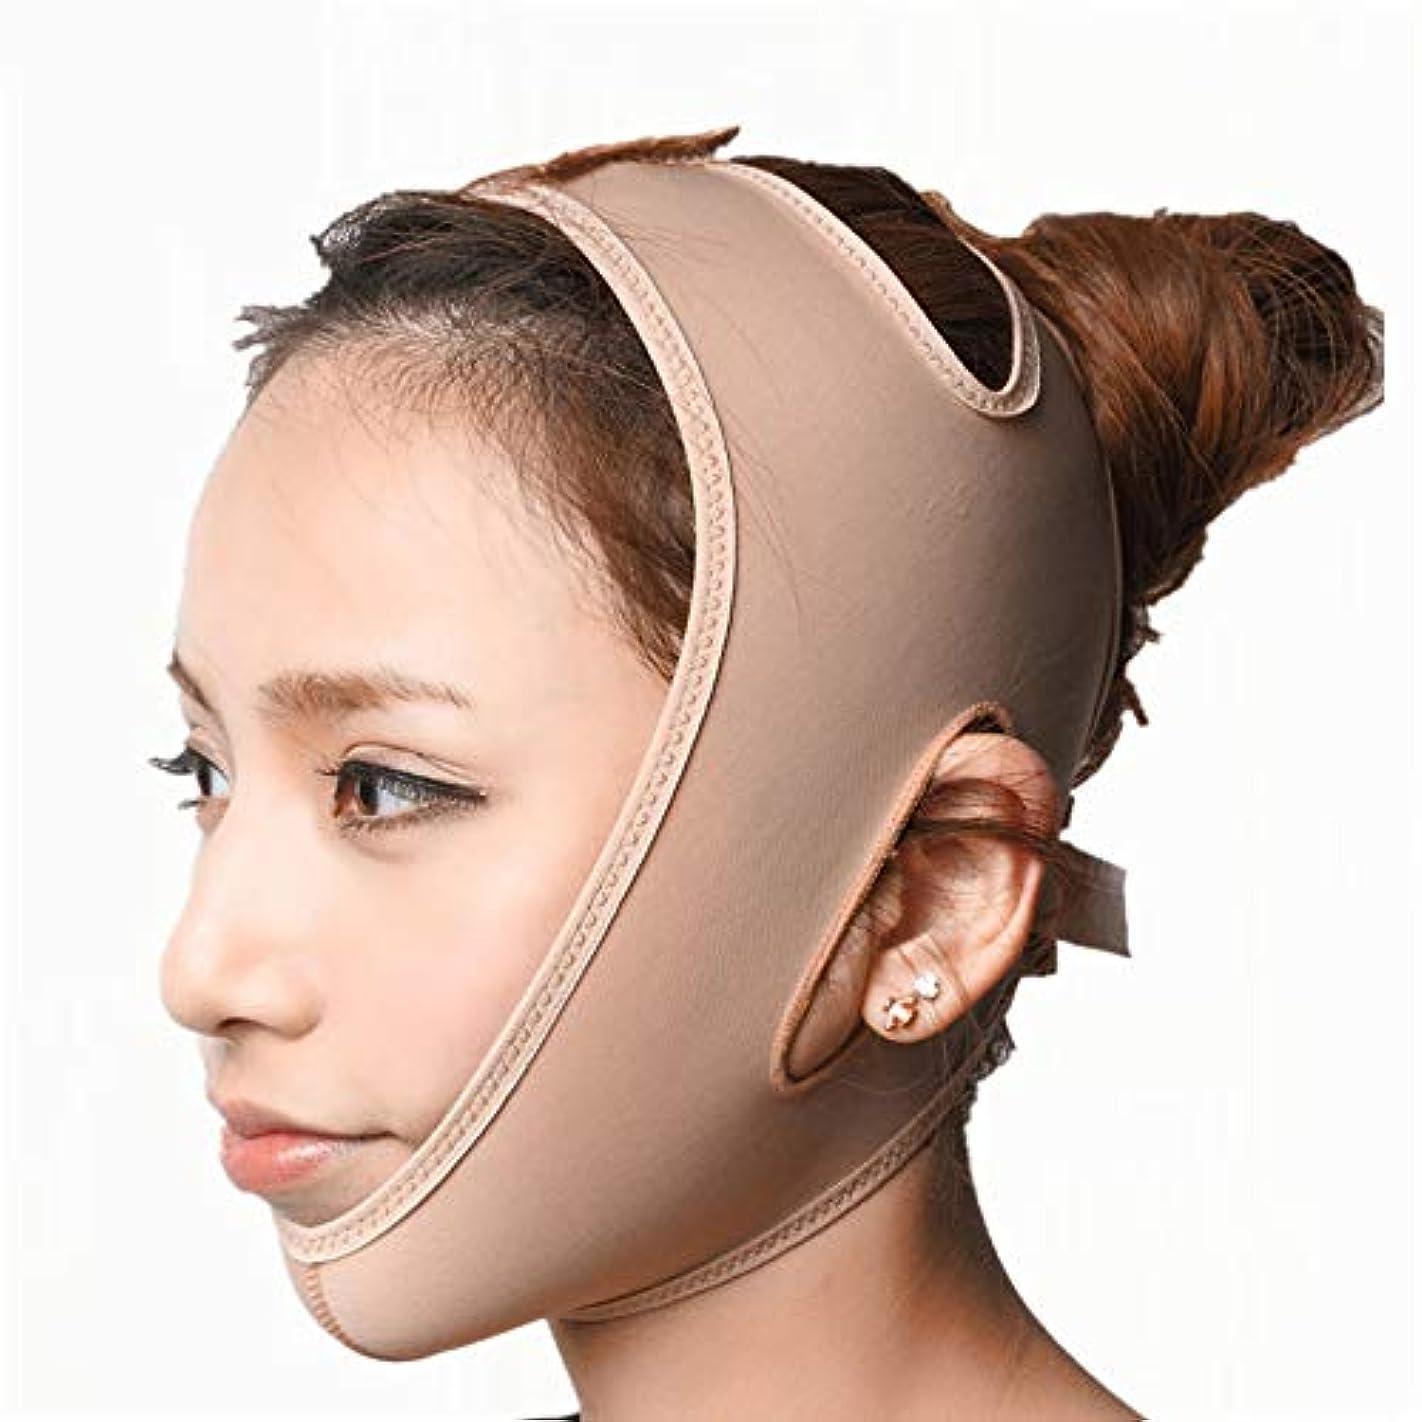 人工的なリゾートワイドJia Jia- 顔の持ち上がる痩身ベルト - アンチエイジングリンクルフェイスマスクベルトシンフェイス包帯整形マスクは顔と首を締めますフェイススリム 顔面包帯 (サイズ さいず : M)